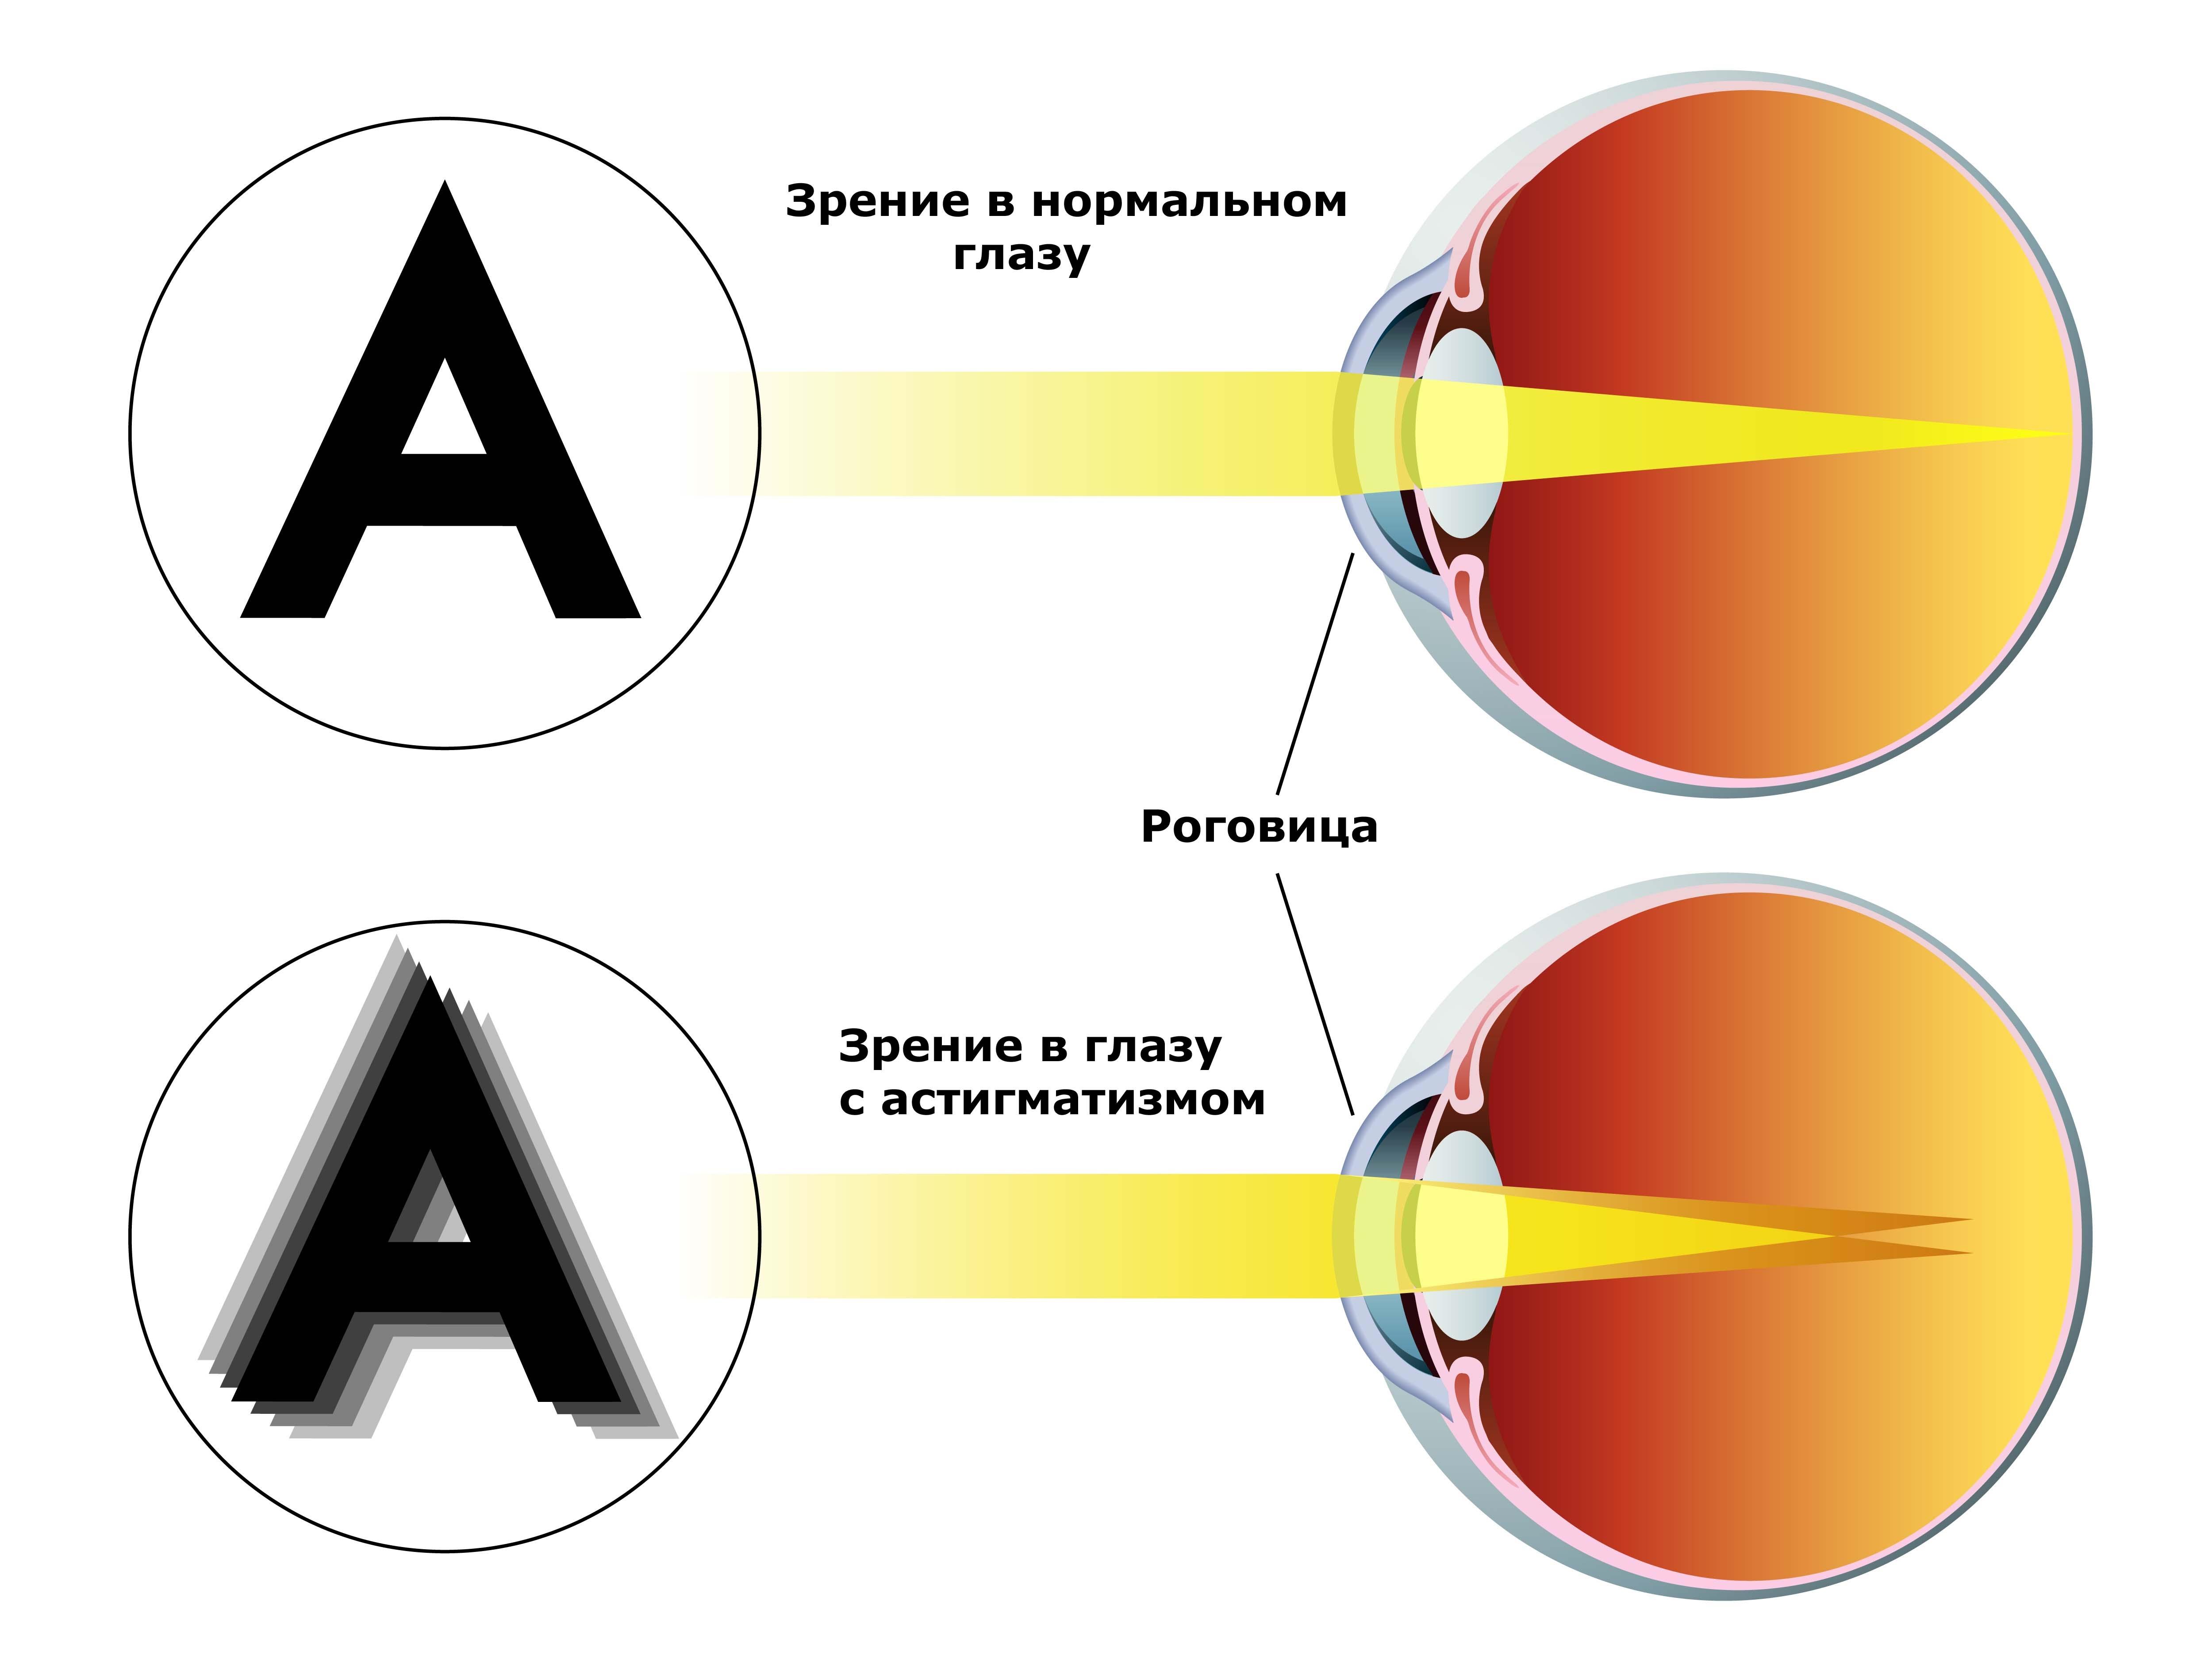 Для улучшения зрения при близорукости